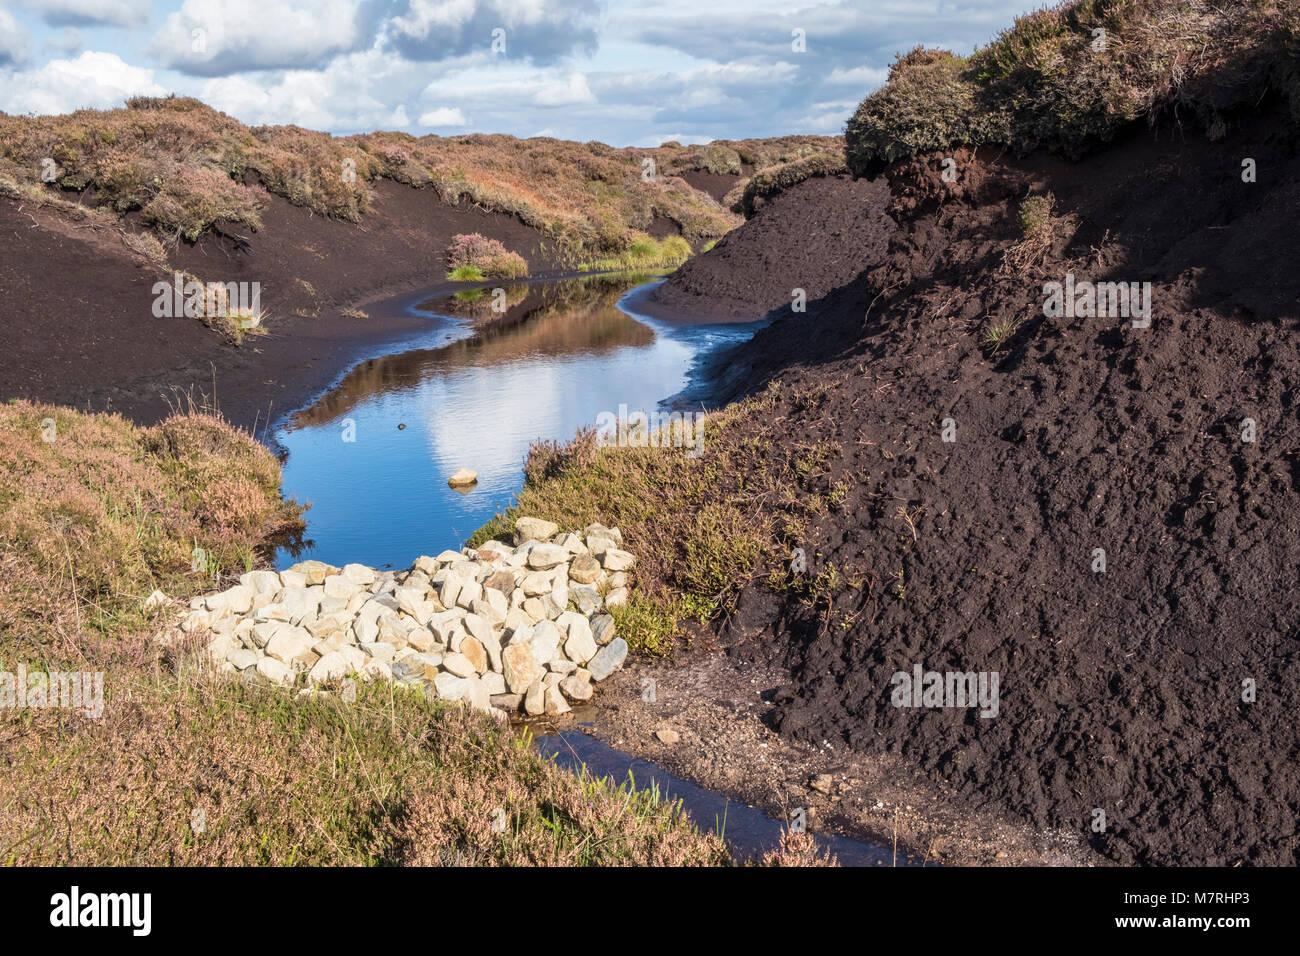 Gulley bloqueando. Piedras utilizadas para bloquear un gulley y prevenir una mayor erosión de los páramos Imagen De Stock